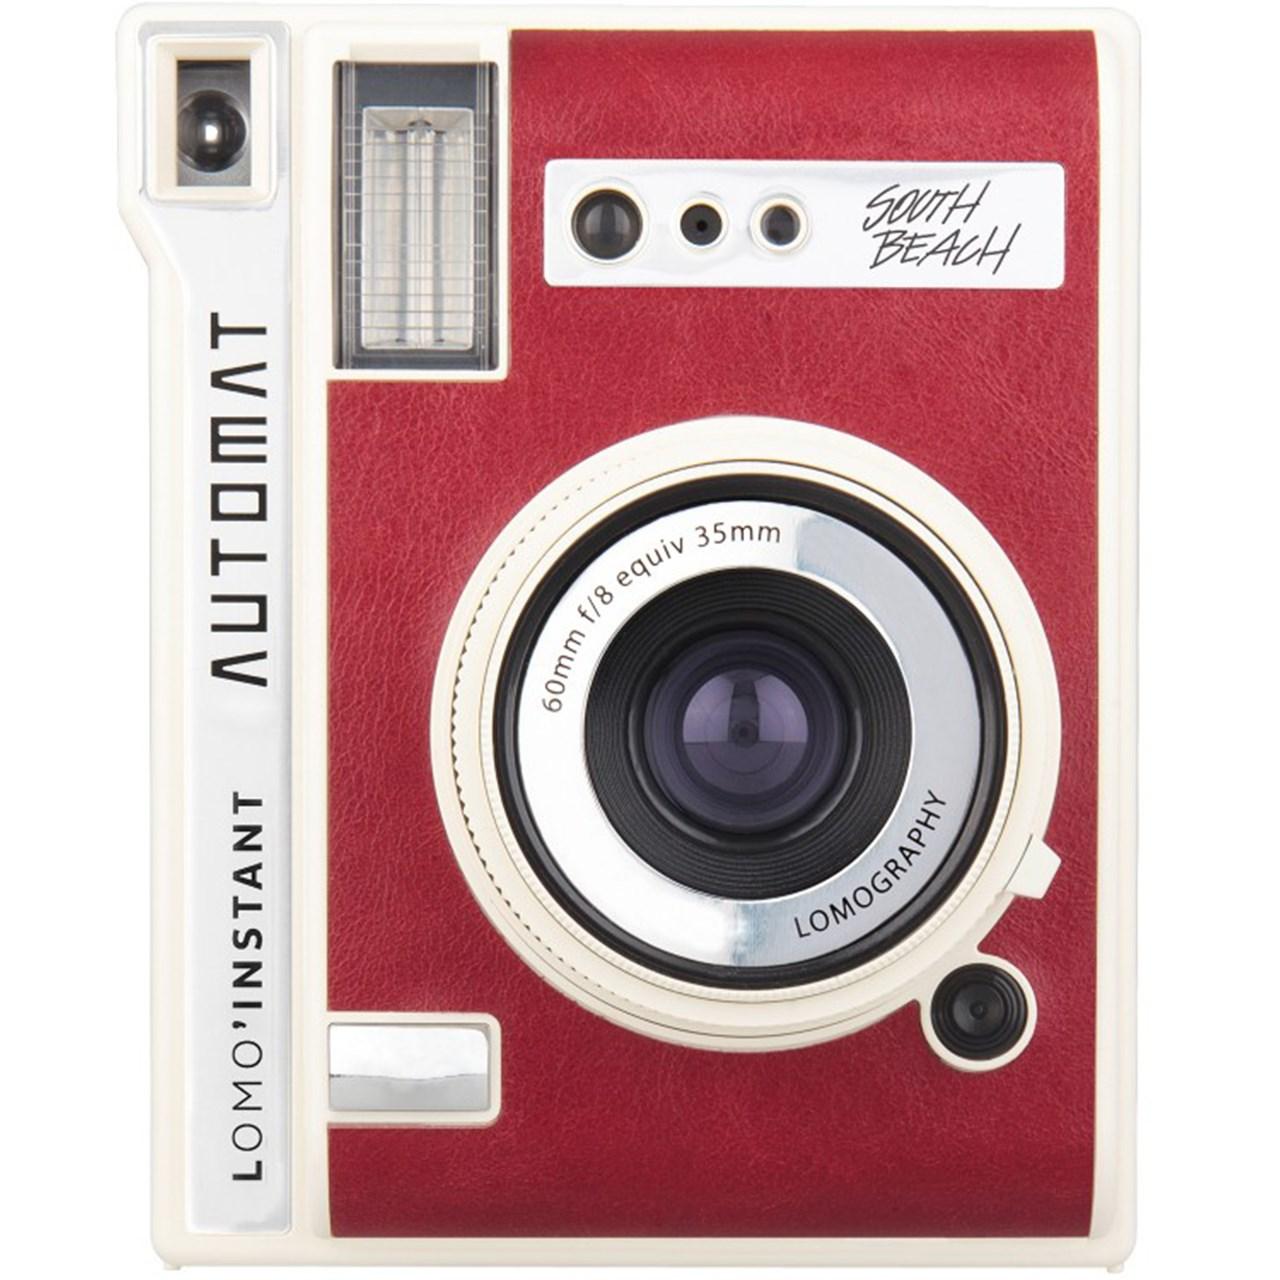 دوربین چاپ سریع لوموگرافی مدل Automat-South Beach